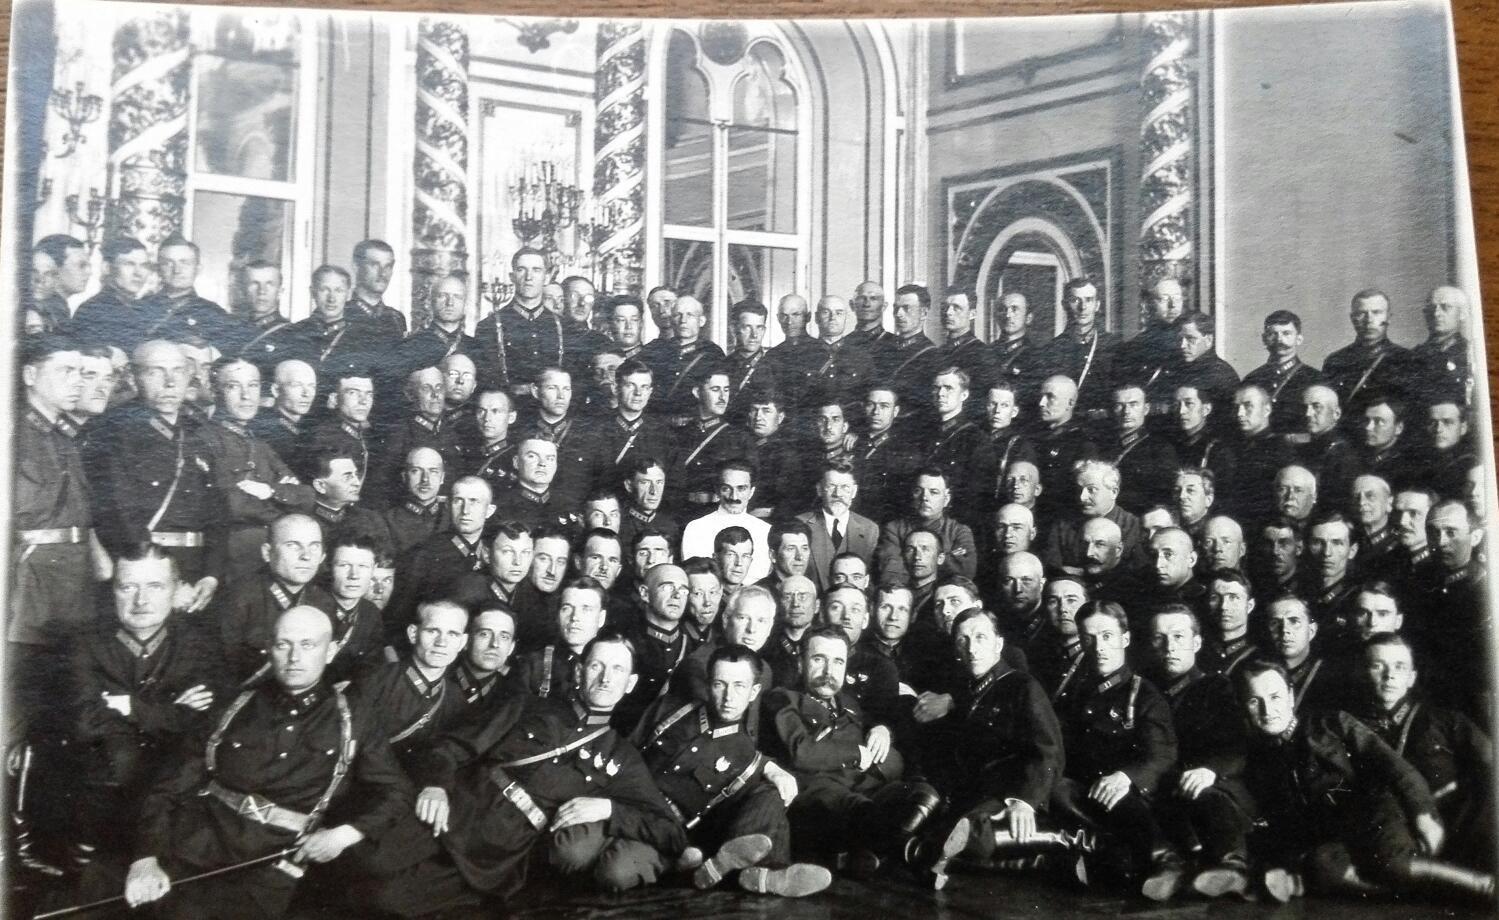 1930. Ворошилов, Калигин, Бубнов, Эйдеман среди профессоров и учащихся военной академии